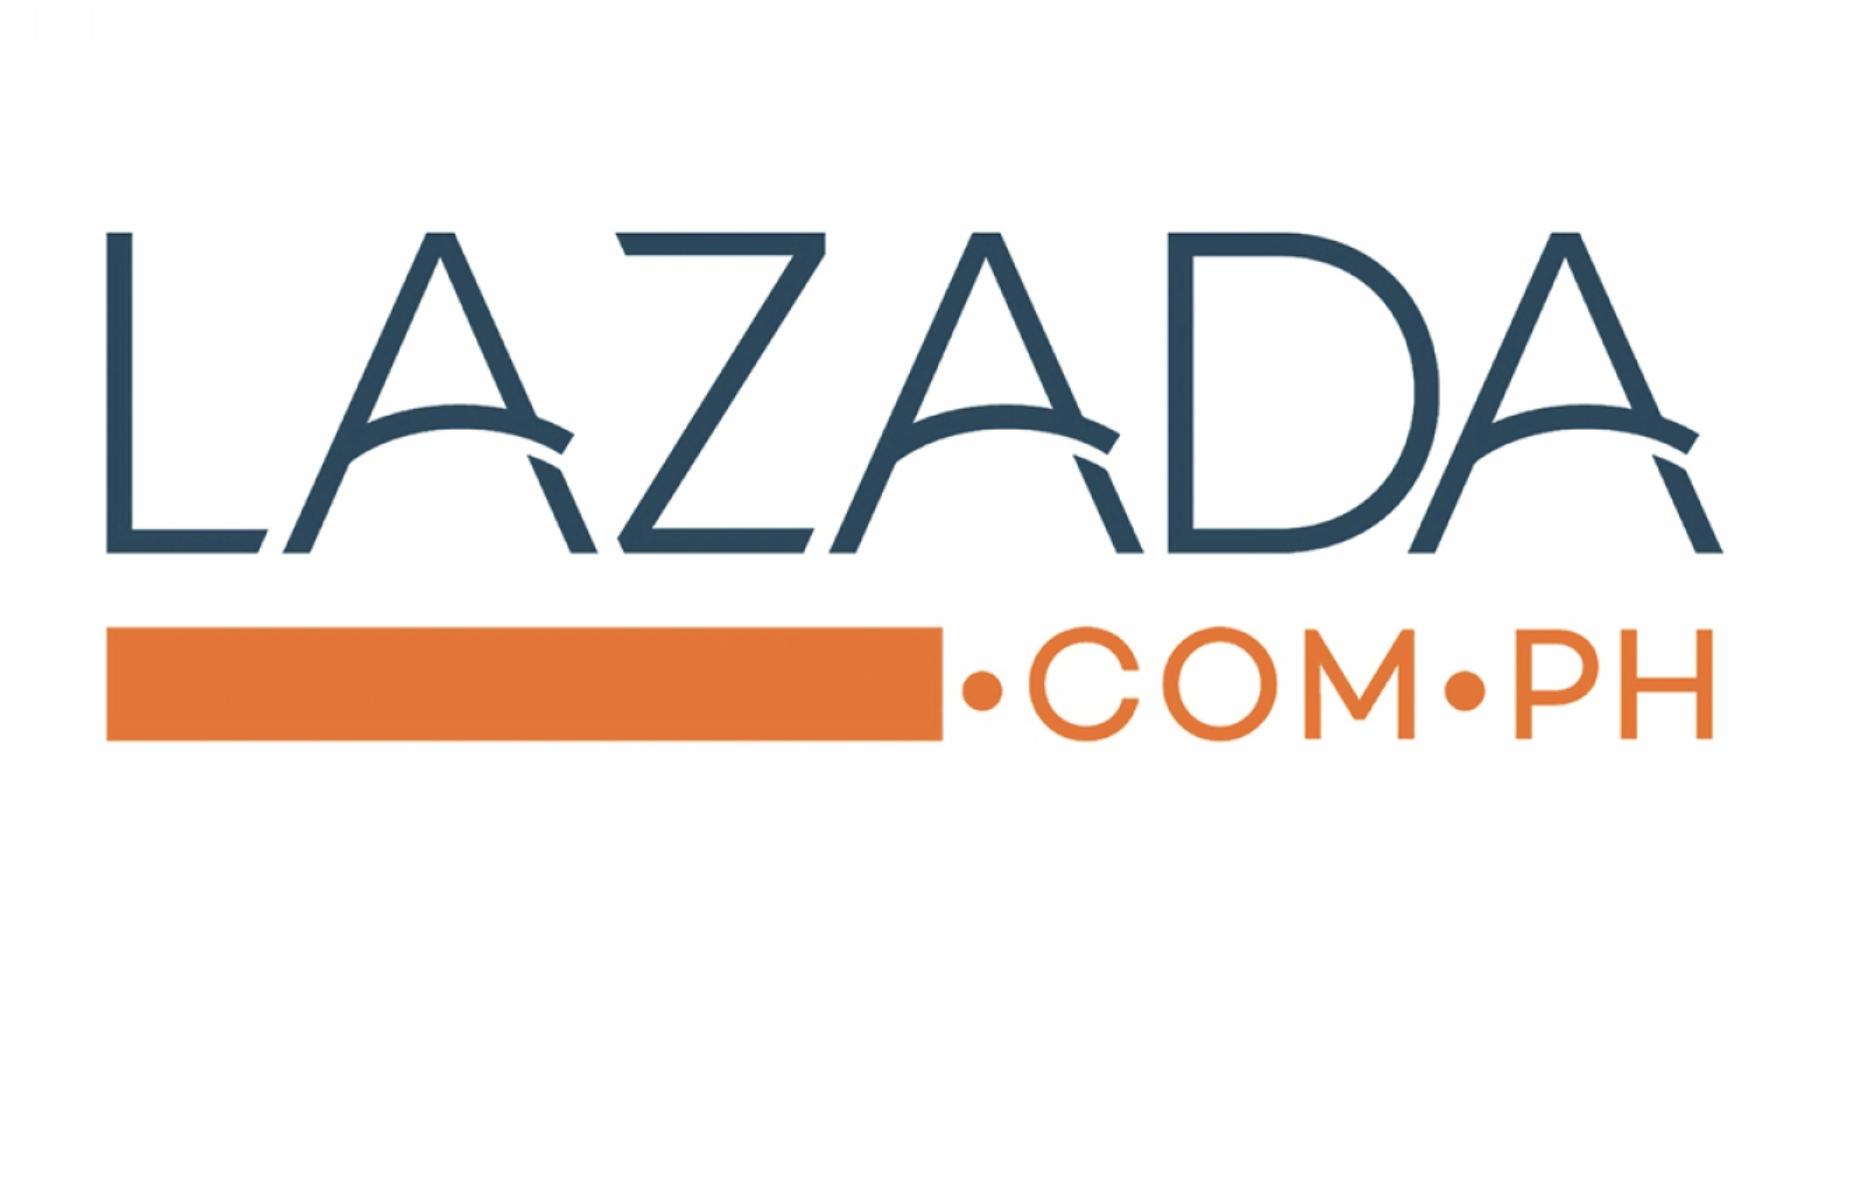 不只複製淘寶天貓,Lazada要成為東南亞普惠生態平台